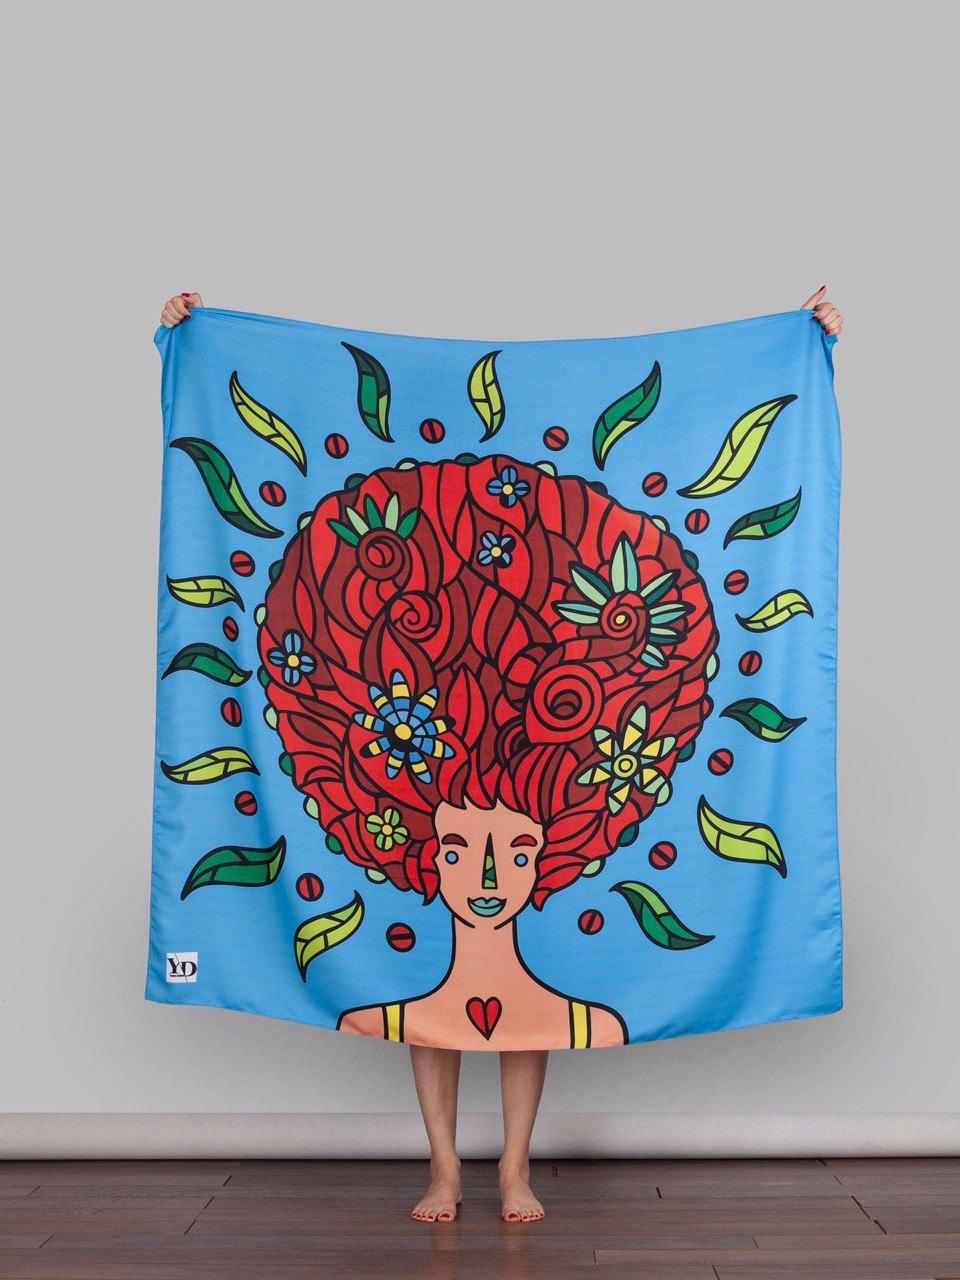 روسری با موهای قرمز بهاری